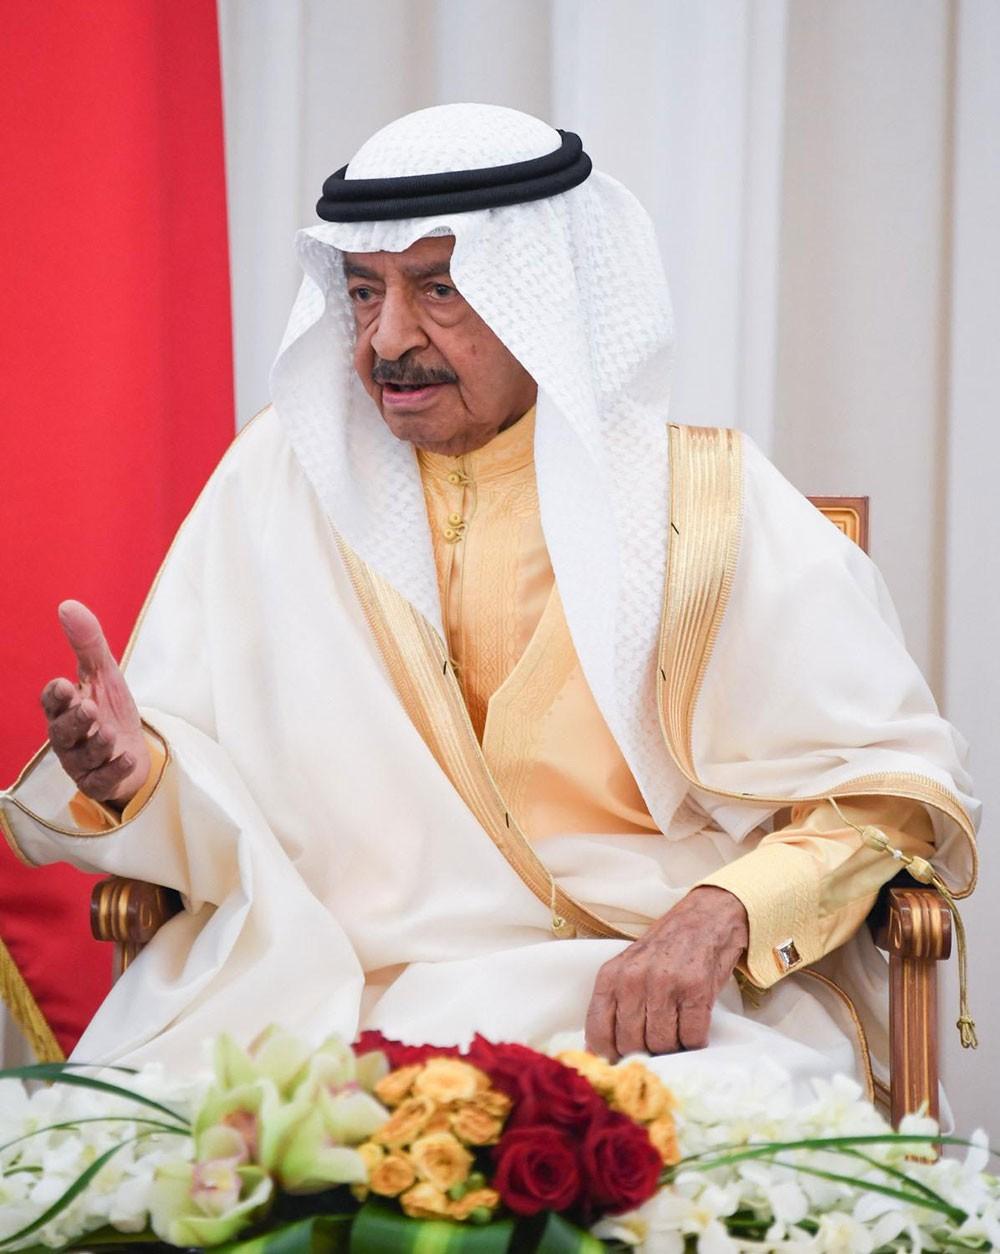 سمو رئيس الوزراء قاد العديد من المبادرات العالمية الرائدة التي تركت أثرها في تعزيز السلام والتنمية